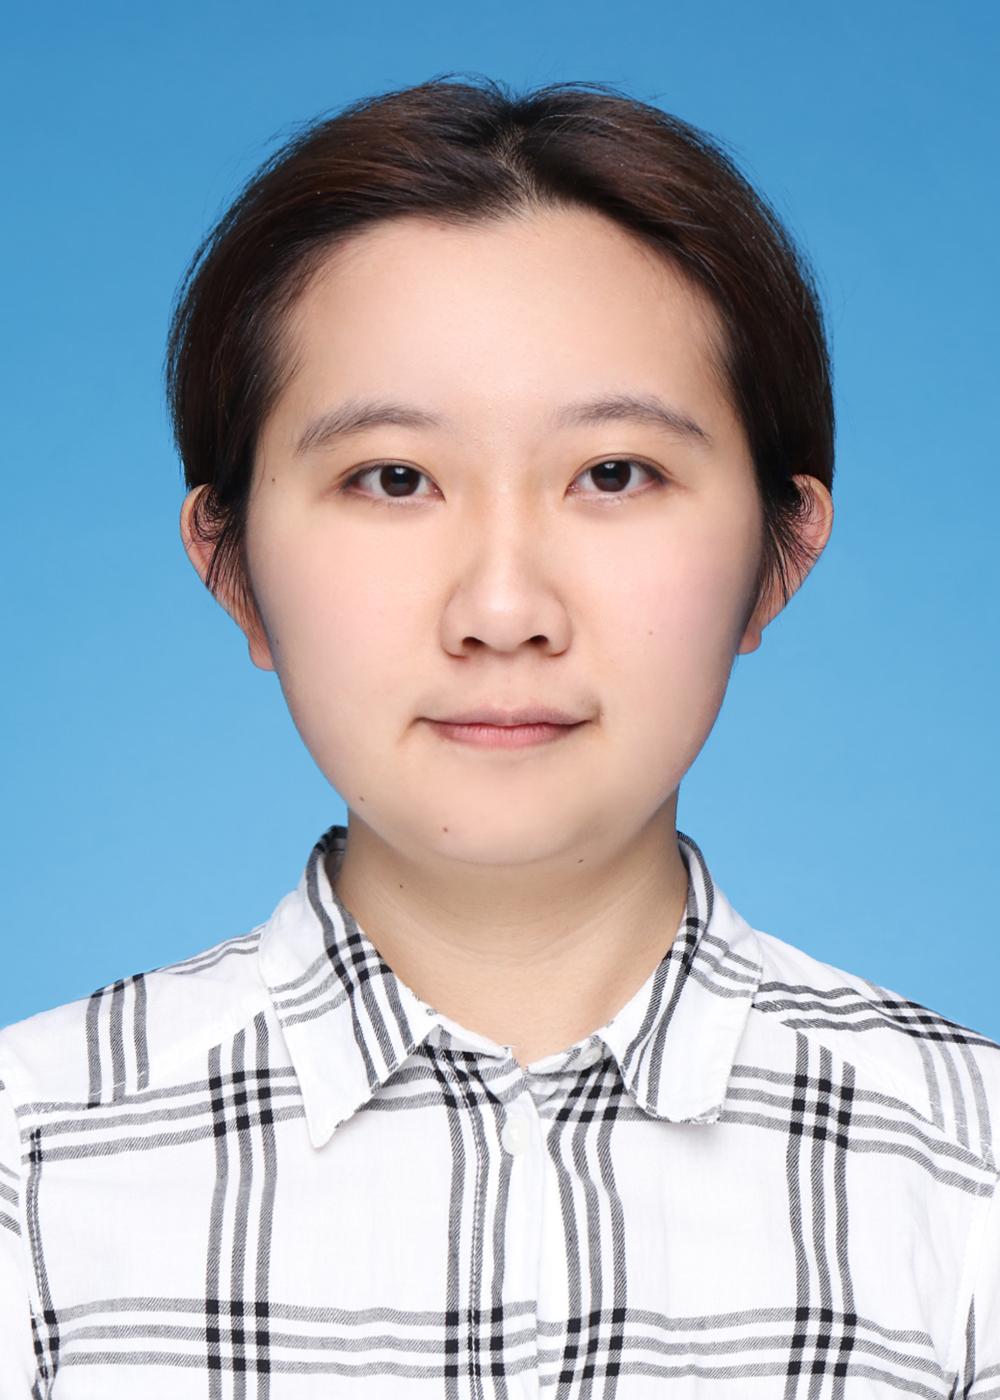 上海家教余老师